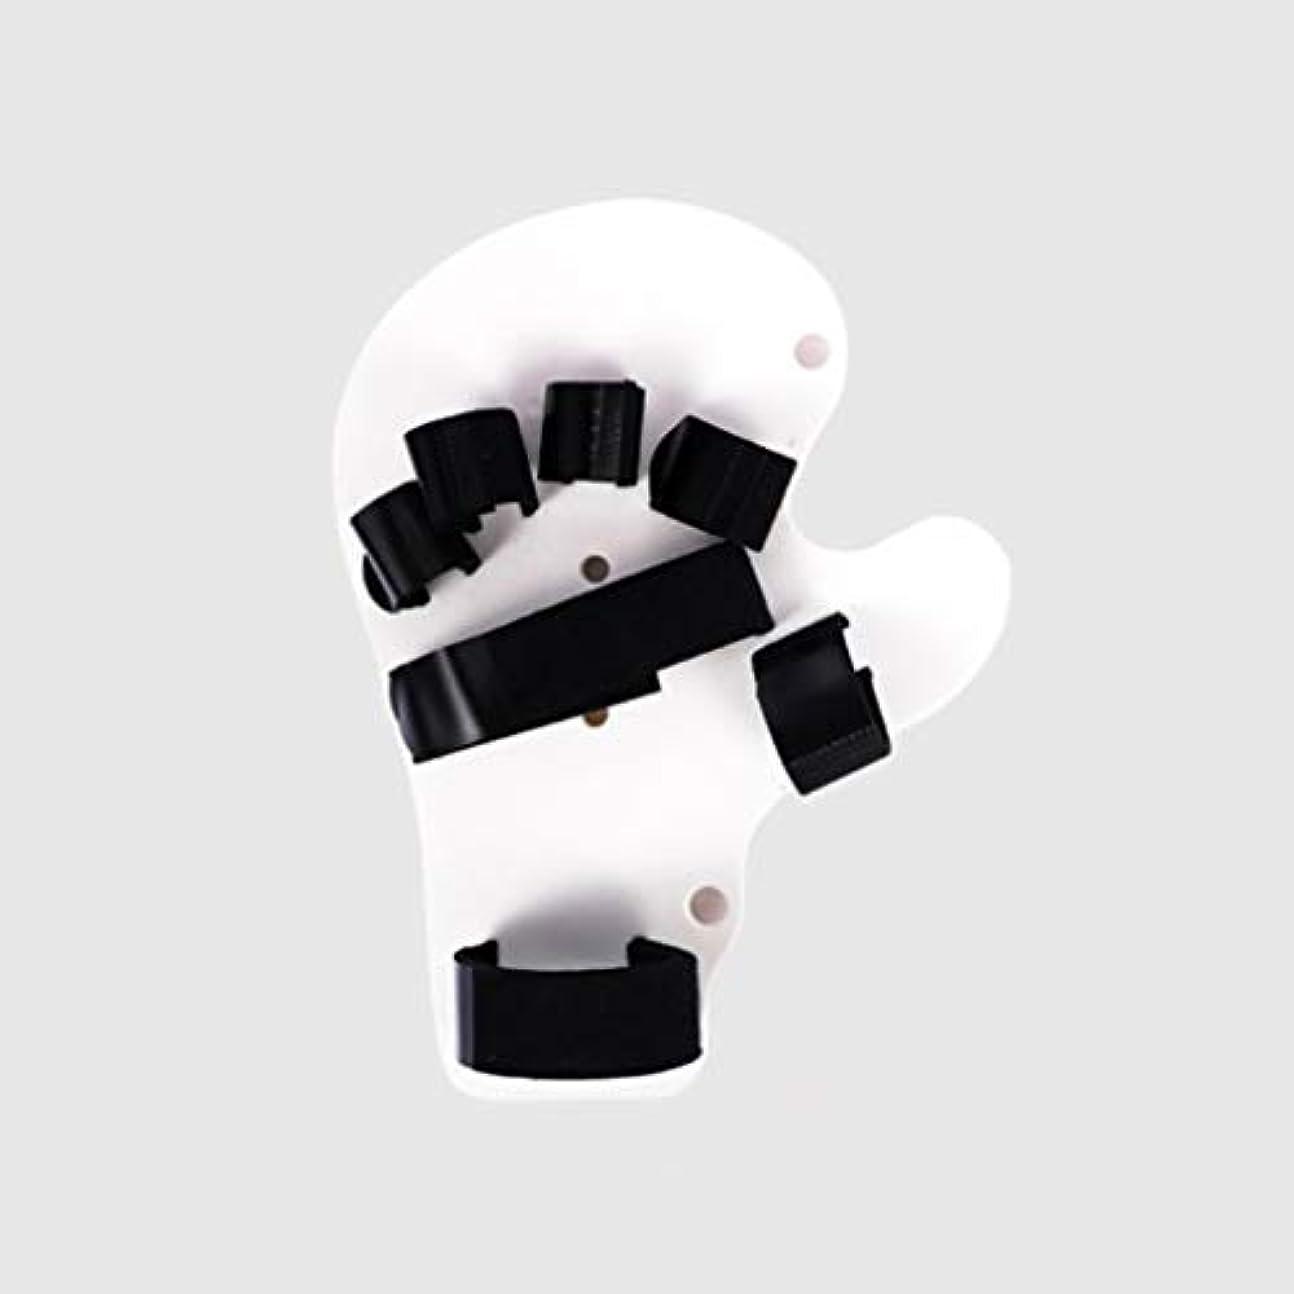 国民小学生登山家プロテクターフィンガークッショントリガーフィンガーマレットフィンガーフィンガーナックル固定化指骨折創傷フィンガーエクステンションスプリント,白